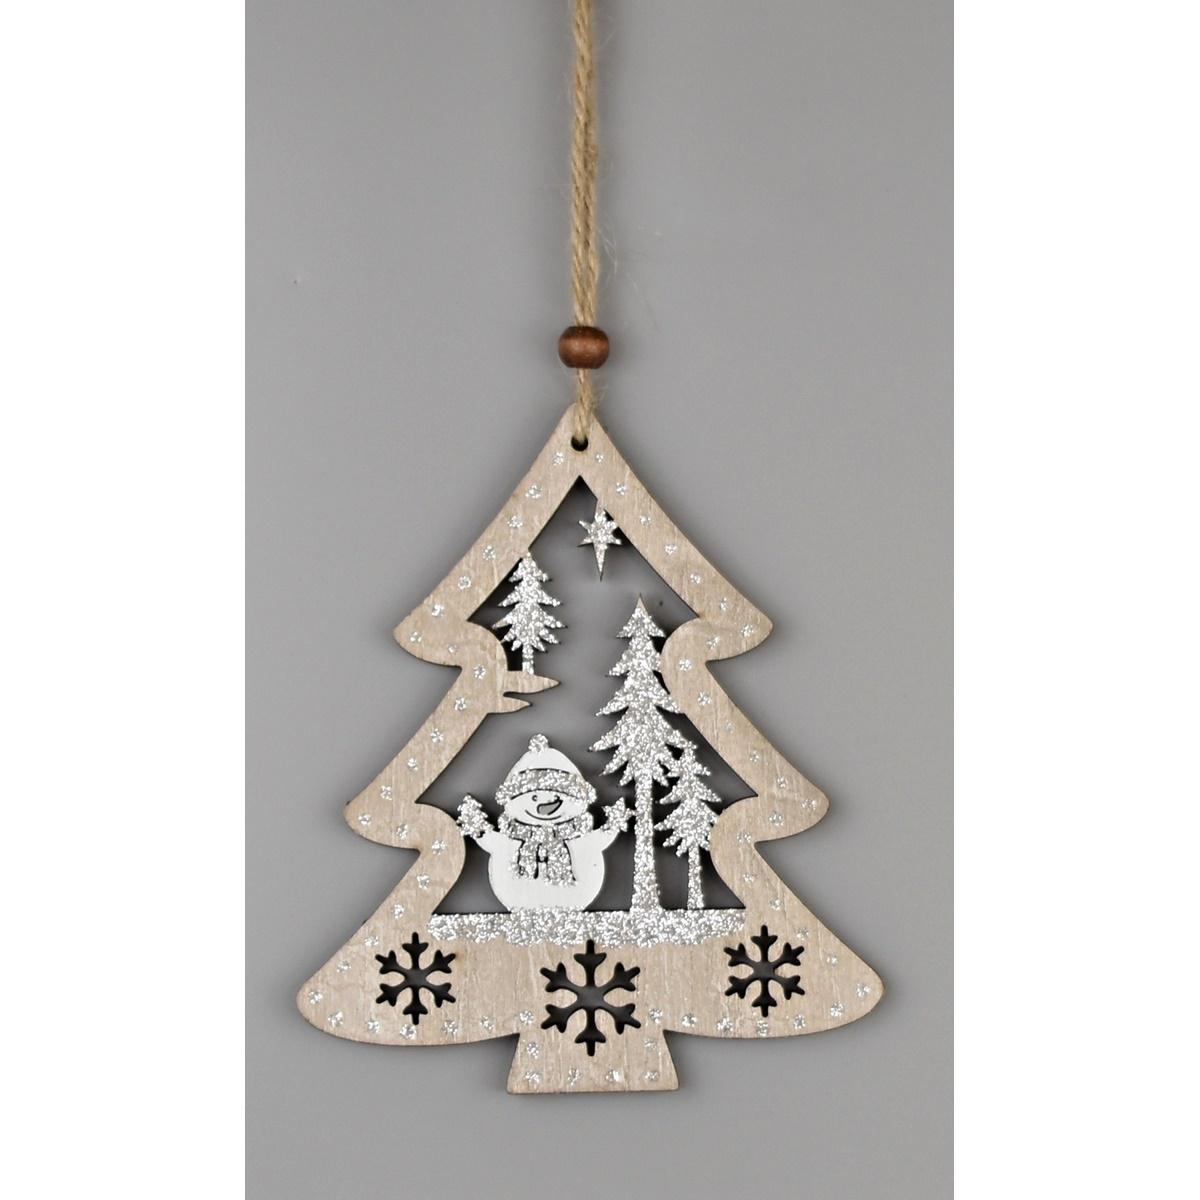 Vánoční závěsná dekorace Christmas sapling, 23 cm